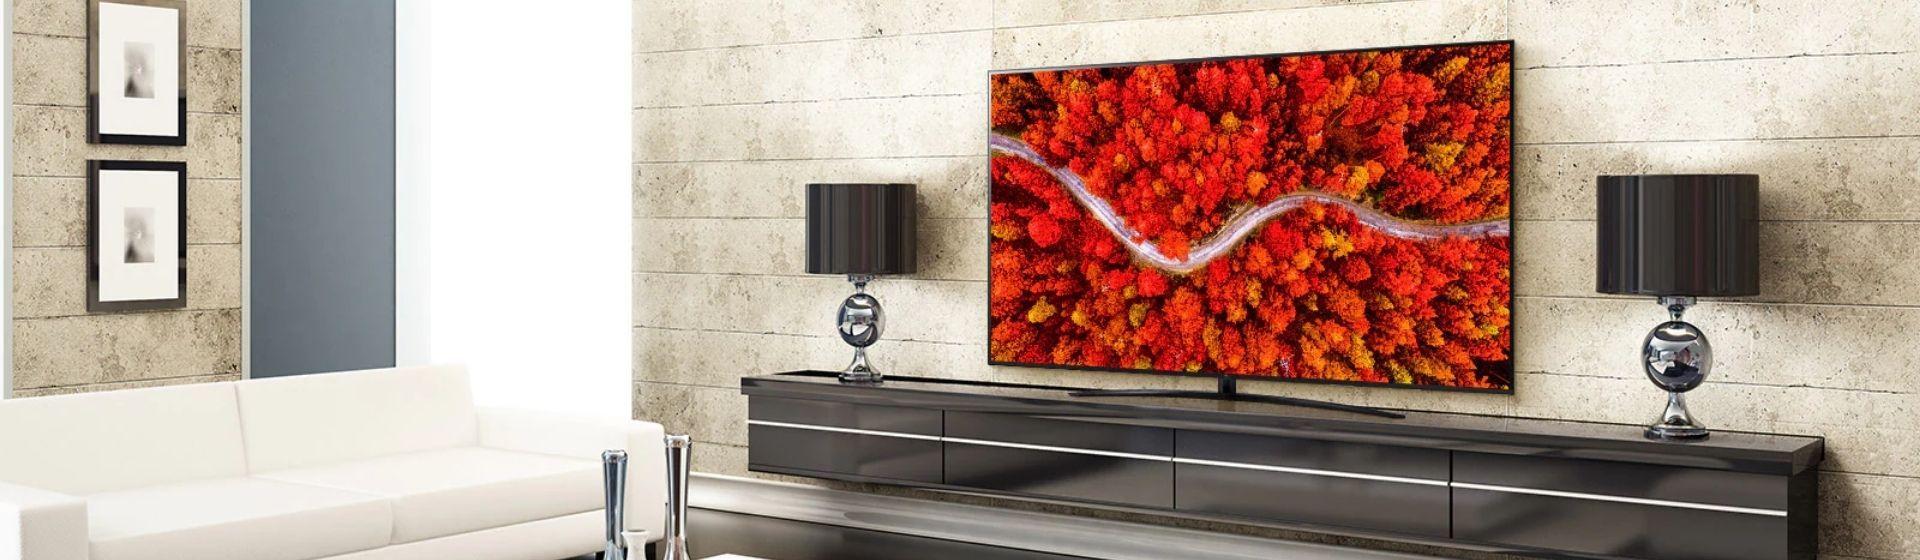 TV LG: tudo sobre as televisões da marca